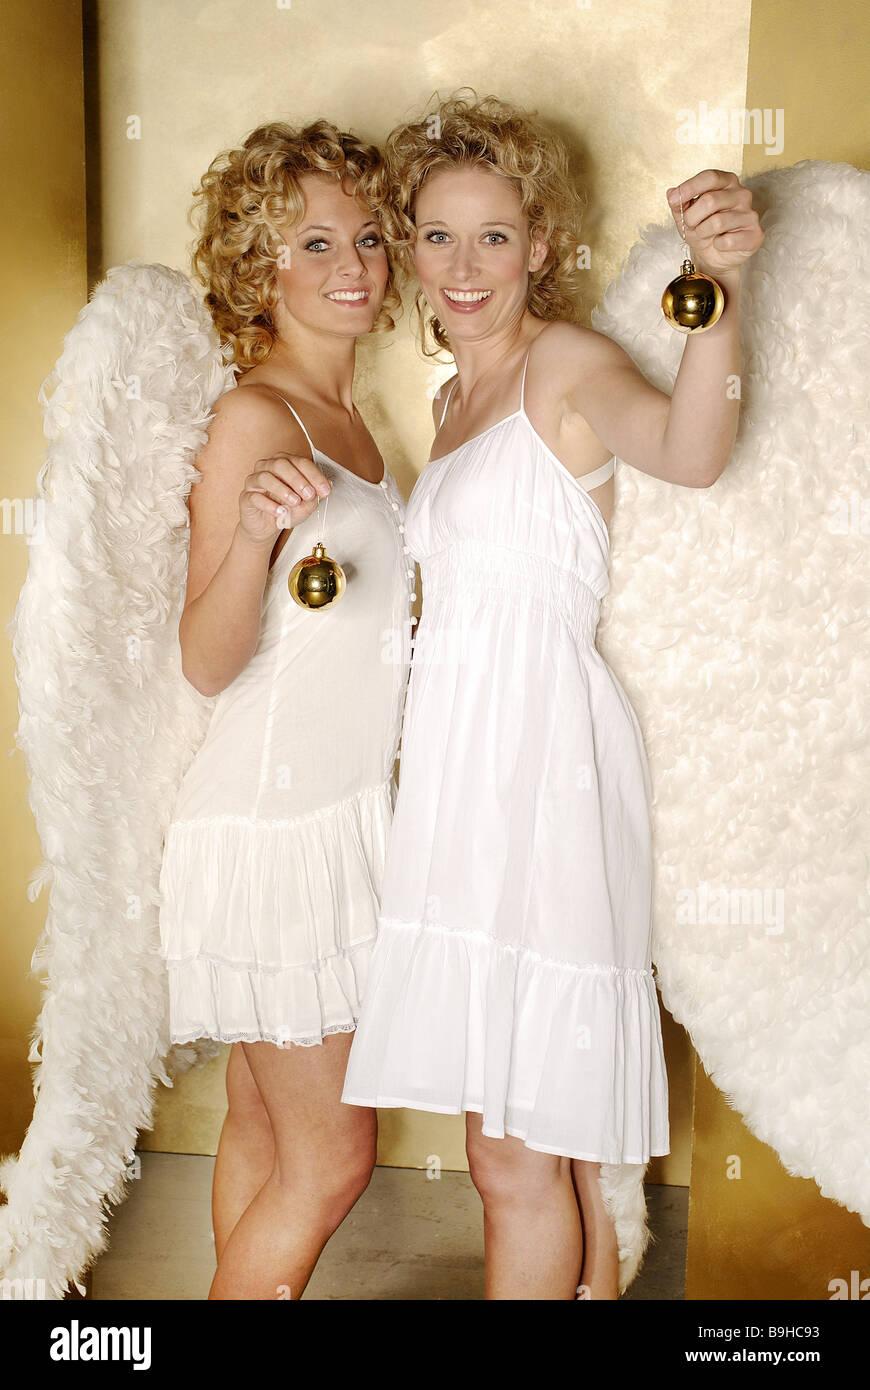 Frauen junge blonde Engelsflügel fröhlich lächelnd Shows zusammen ...